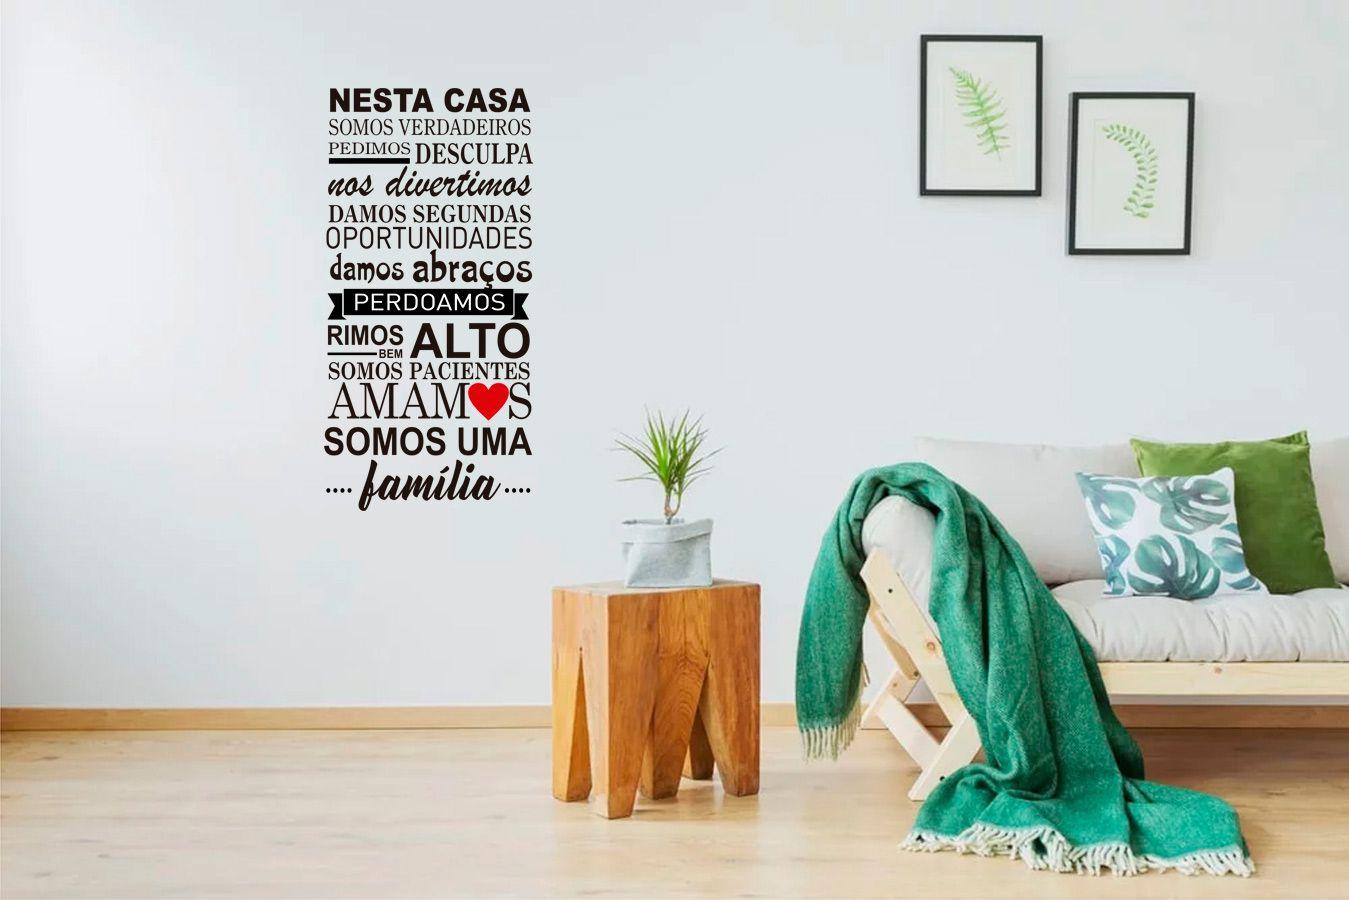 Adesivo Decorativo Parede Frase Nesta Casa Somos Verdadeiros